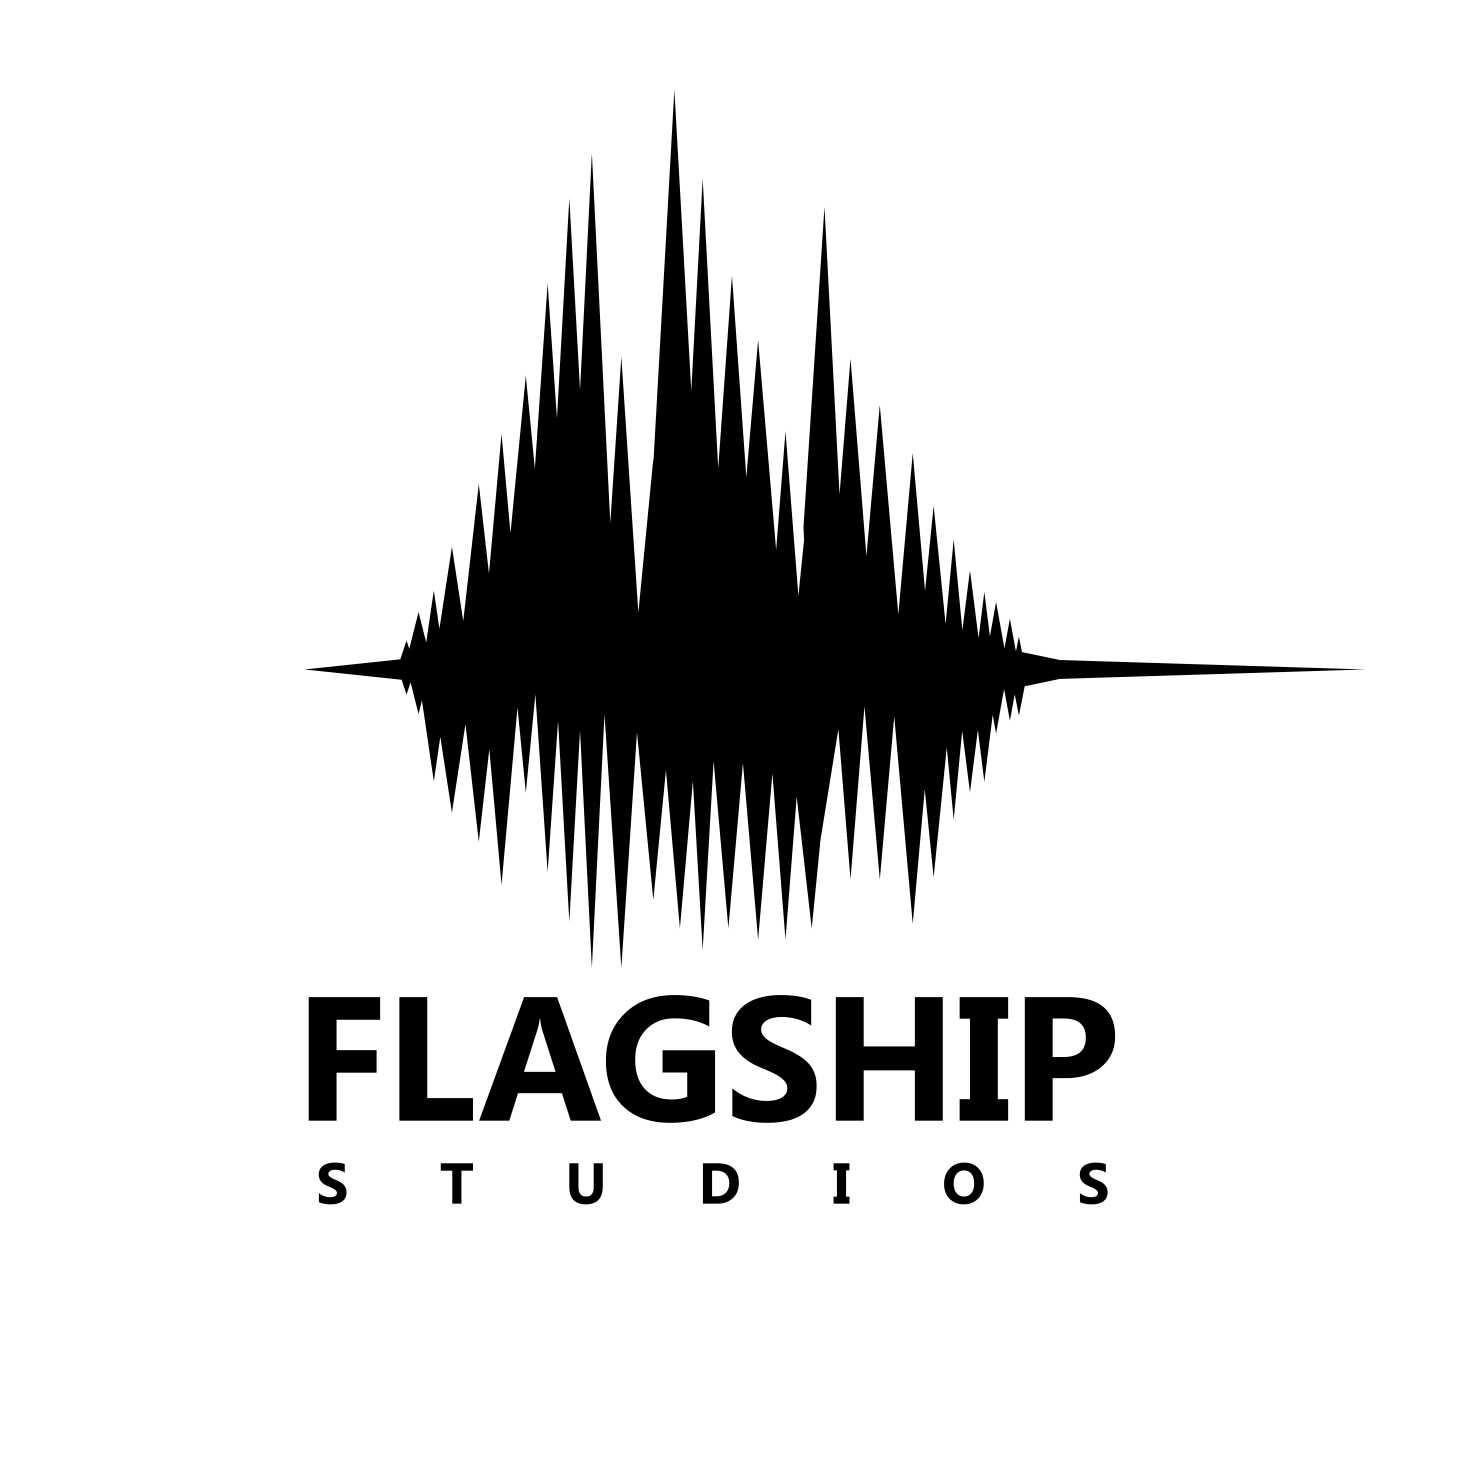 Flagship_studio_fix